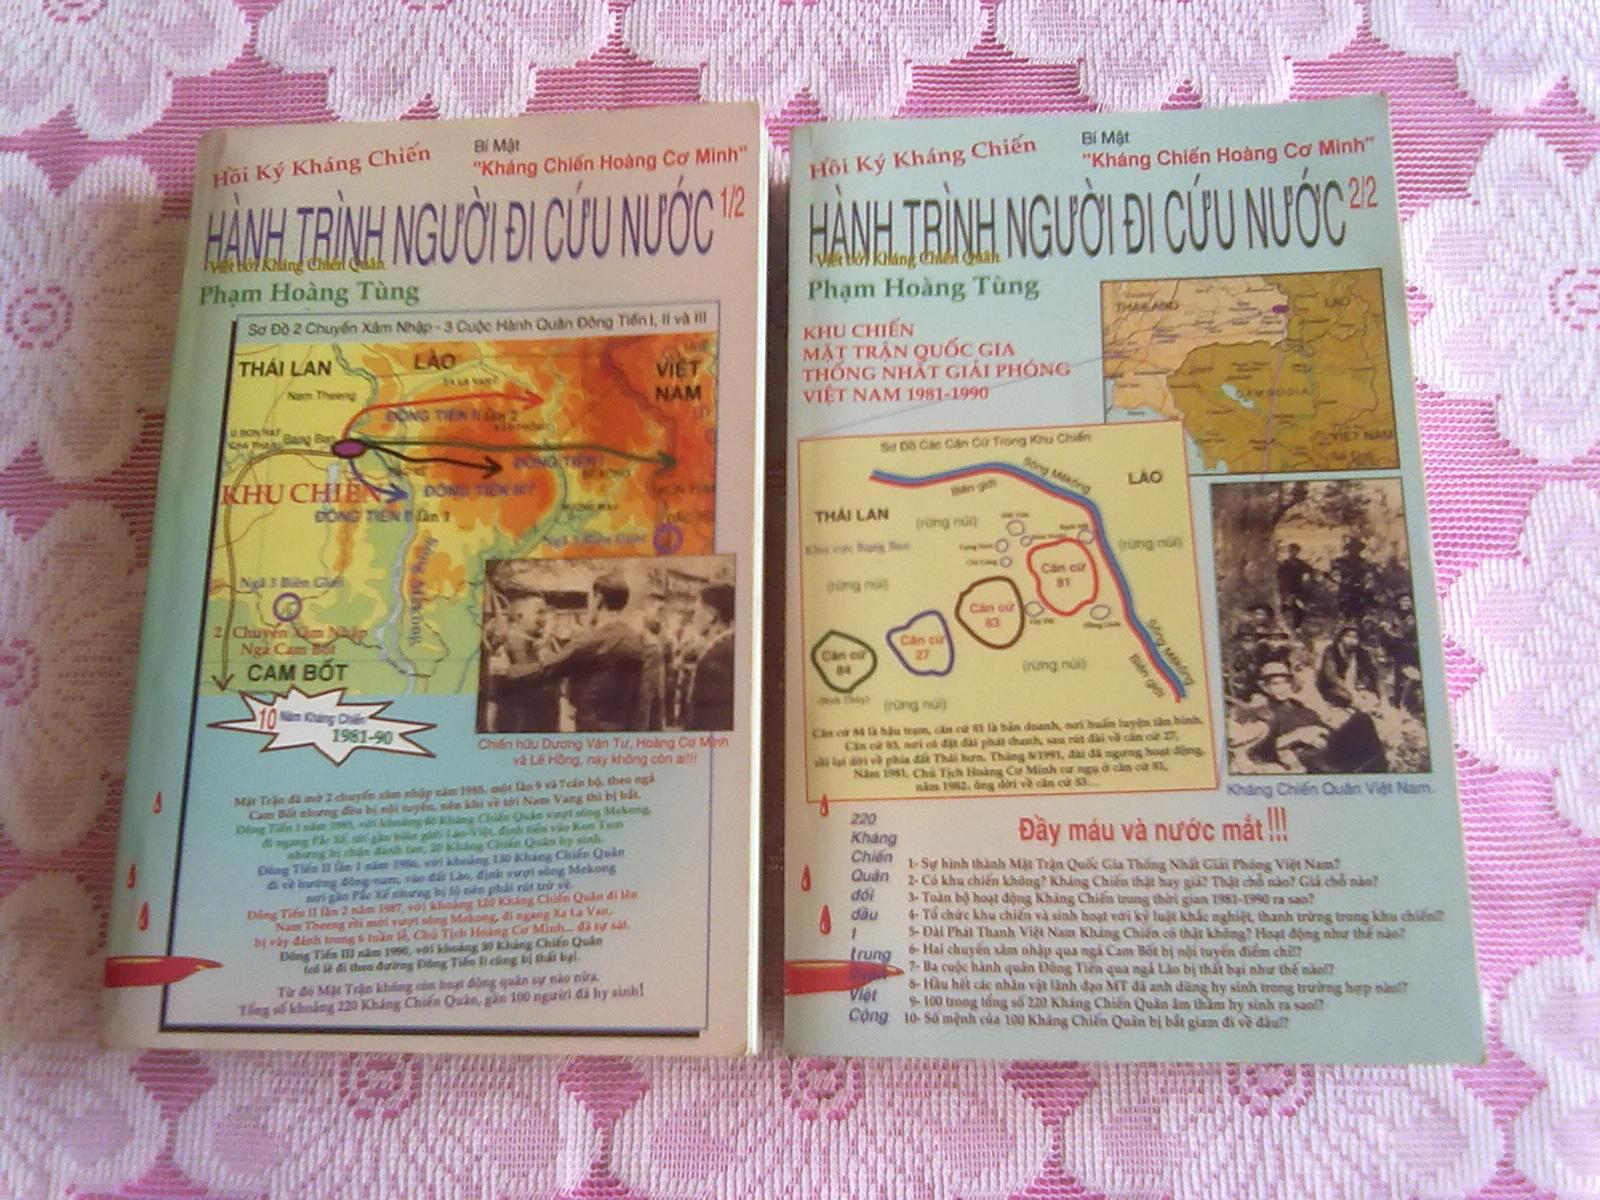 Hình Bìa Trước Hai Quyển & Hồi Ký Hành Trình NgườI Đi Cứu Nước